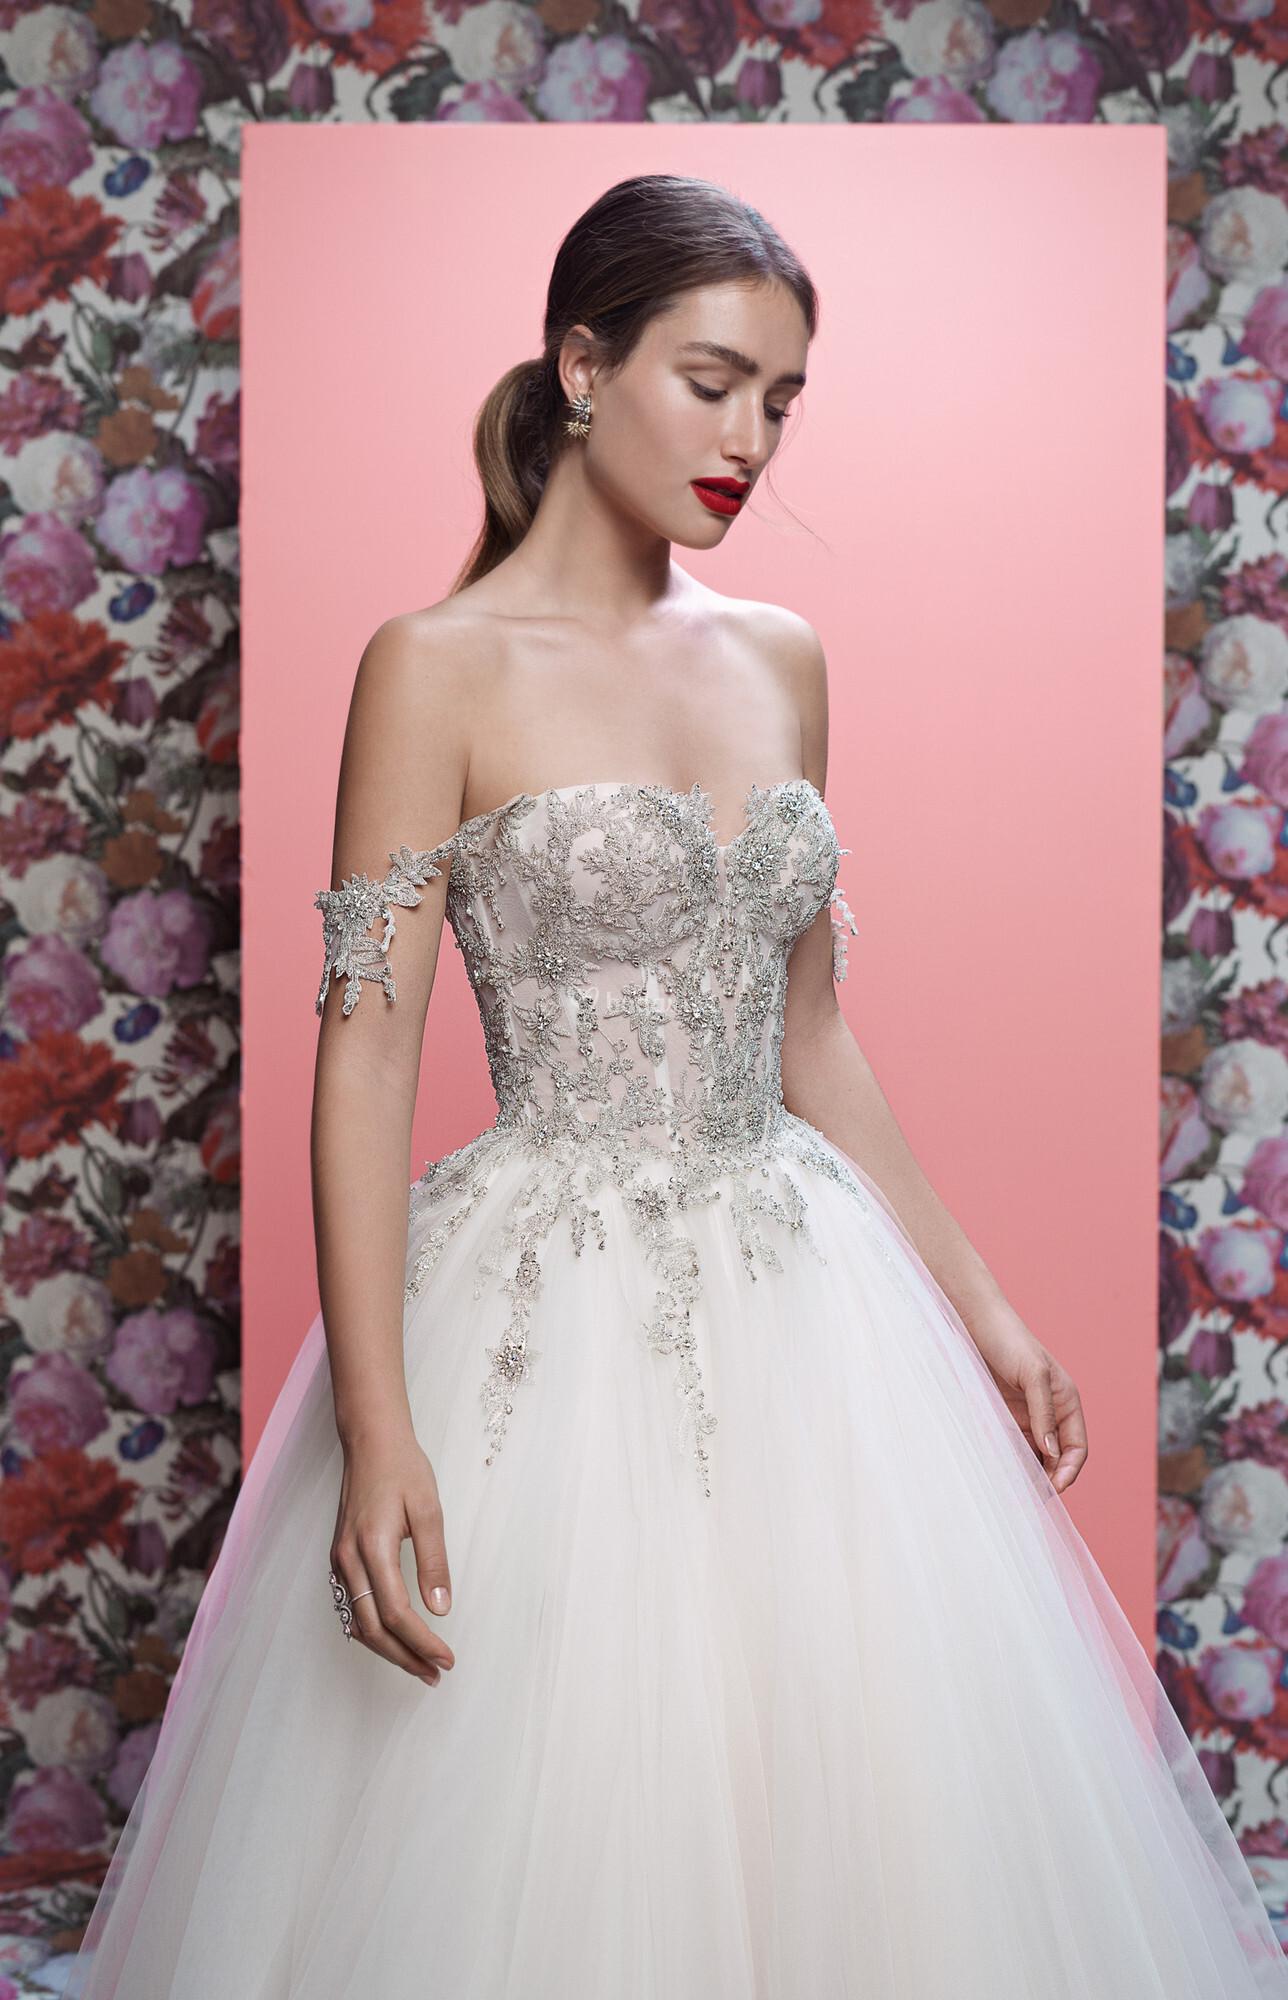 Encantador Vestido De Novia De La Reina Victoria Friso - Colección ...